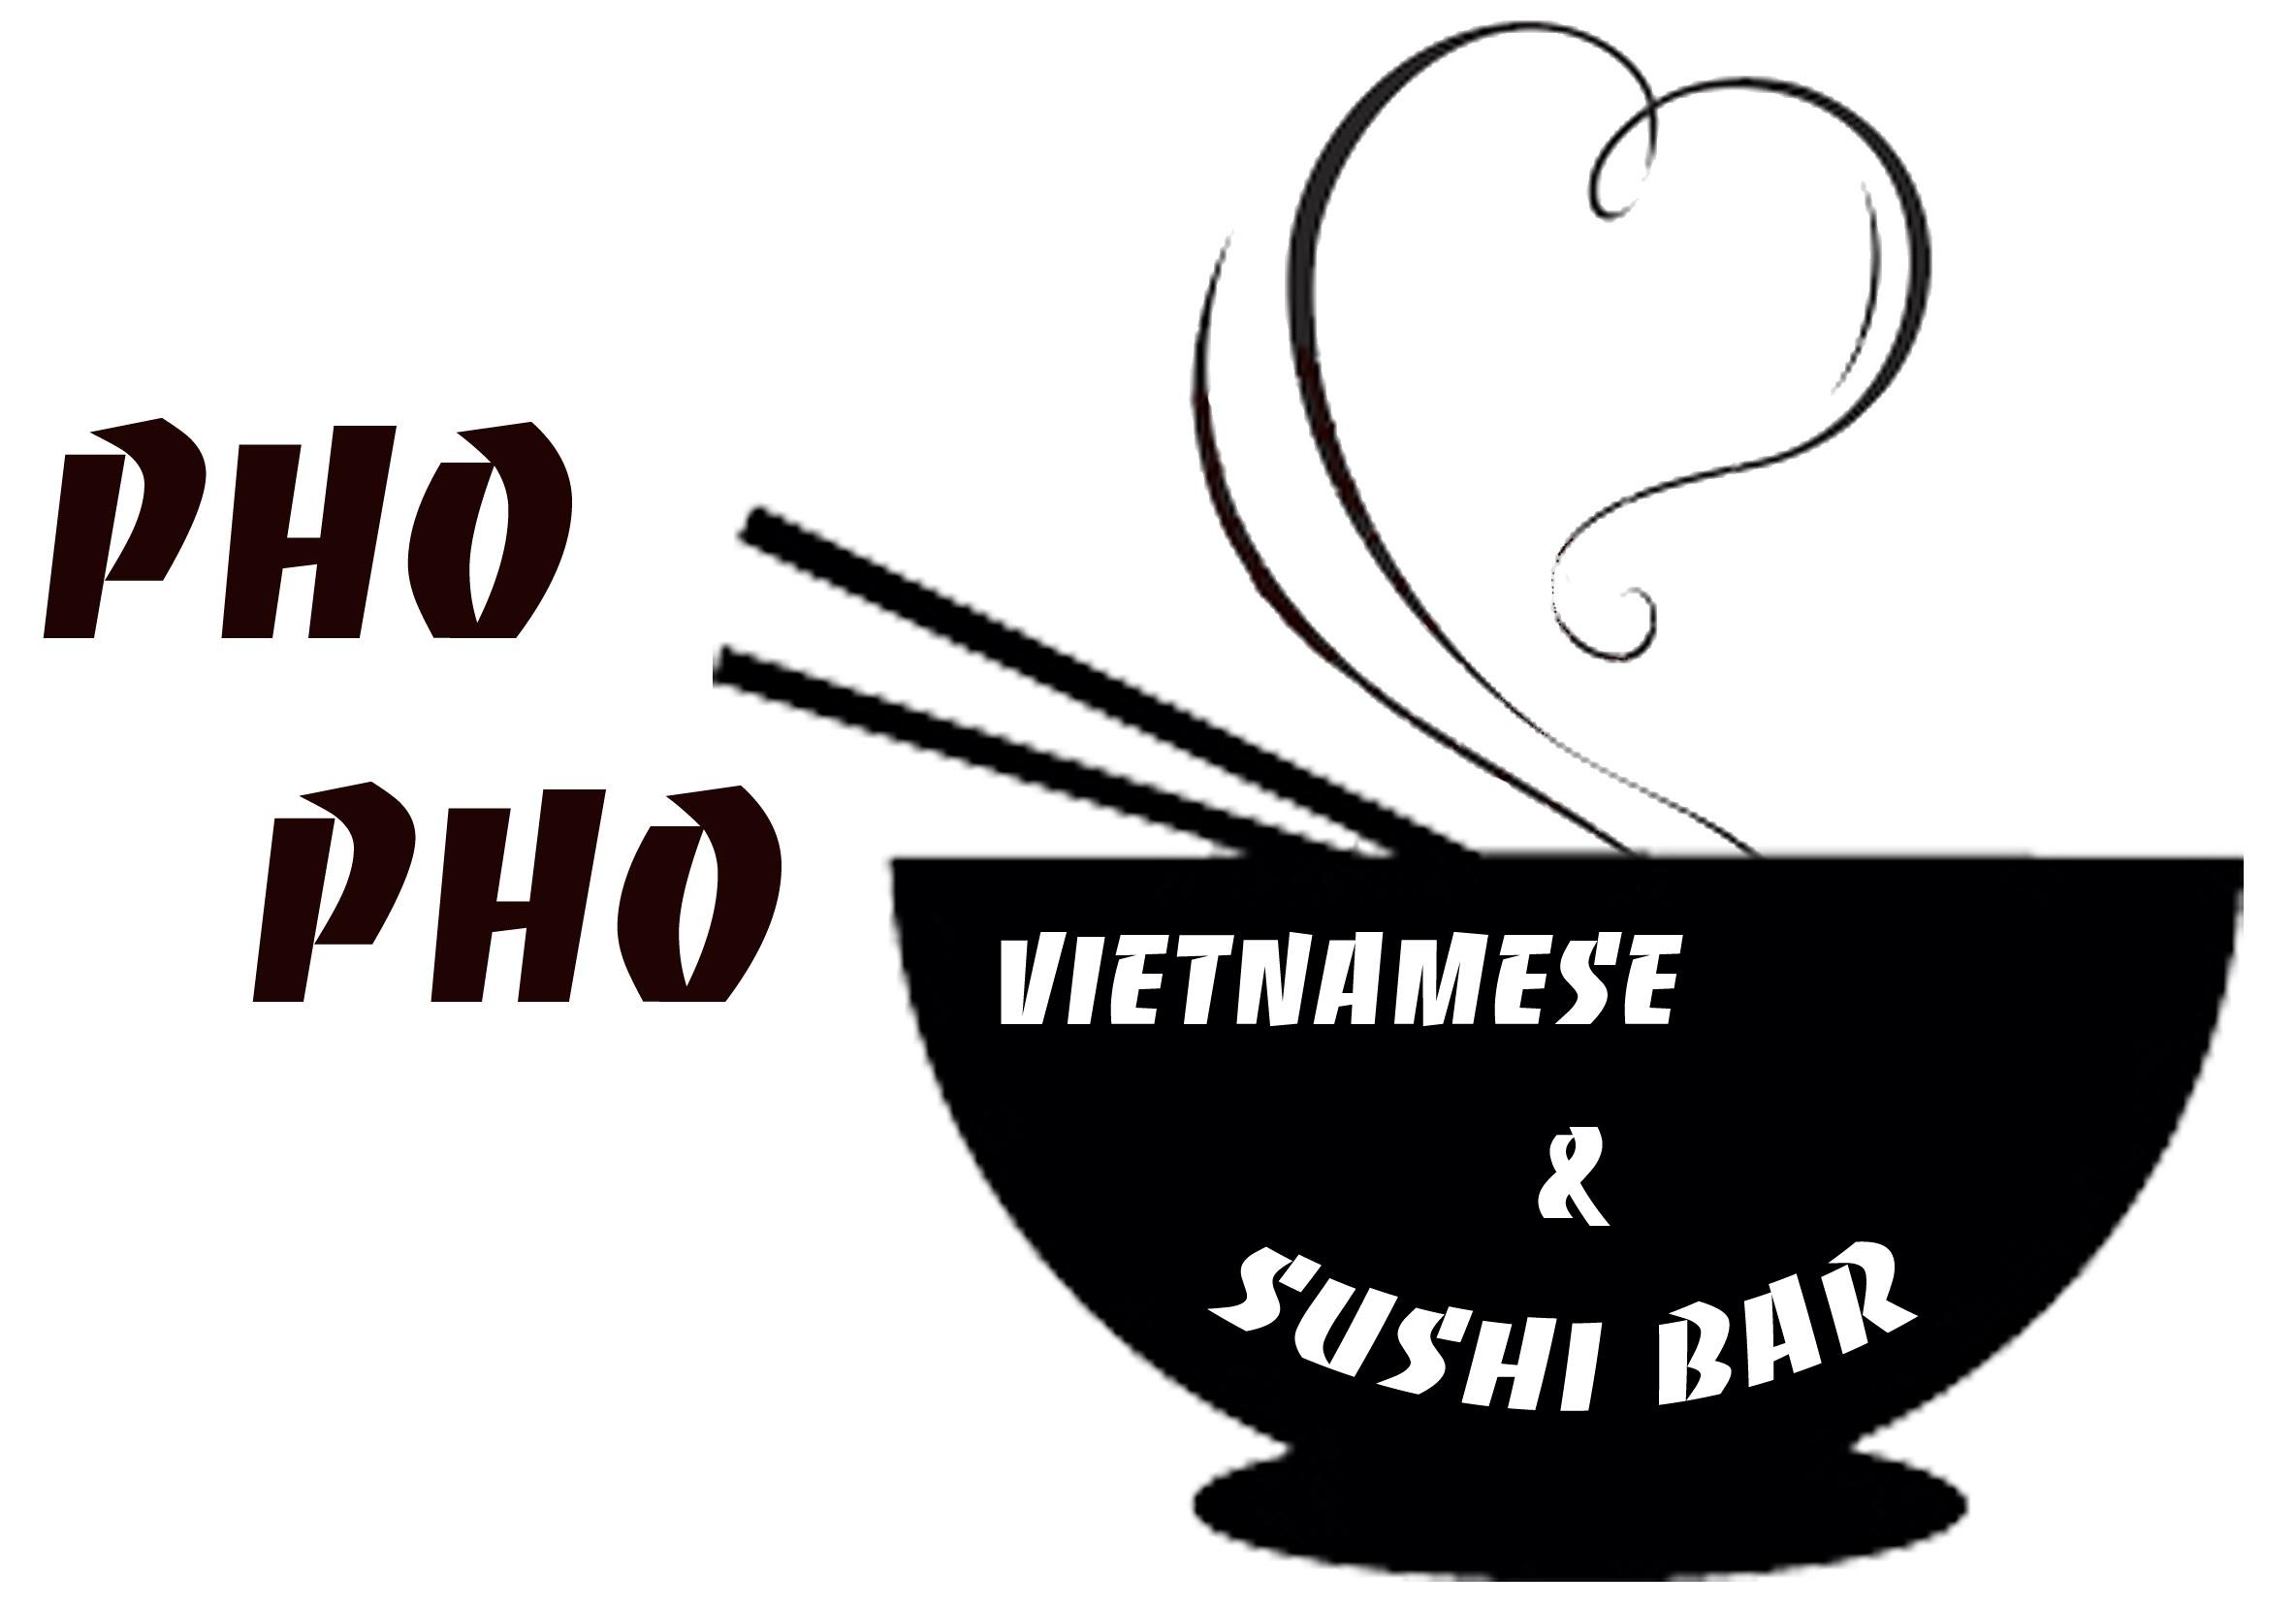 Pho+Pho+Logo1.jpg